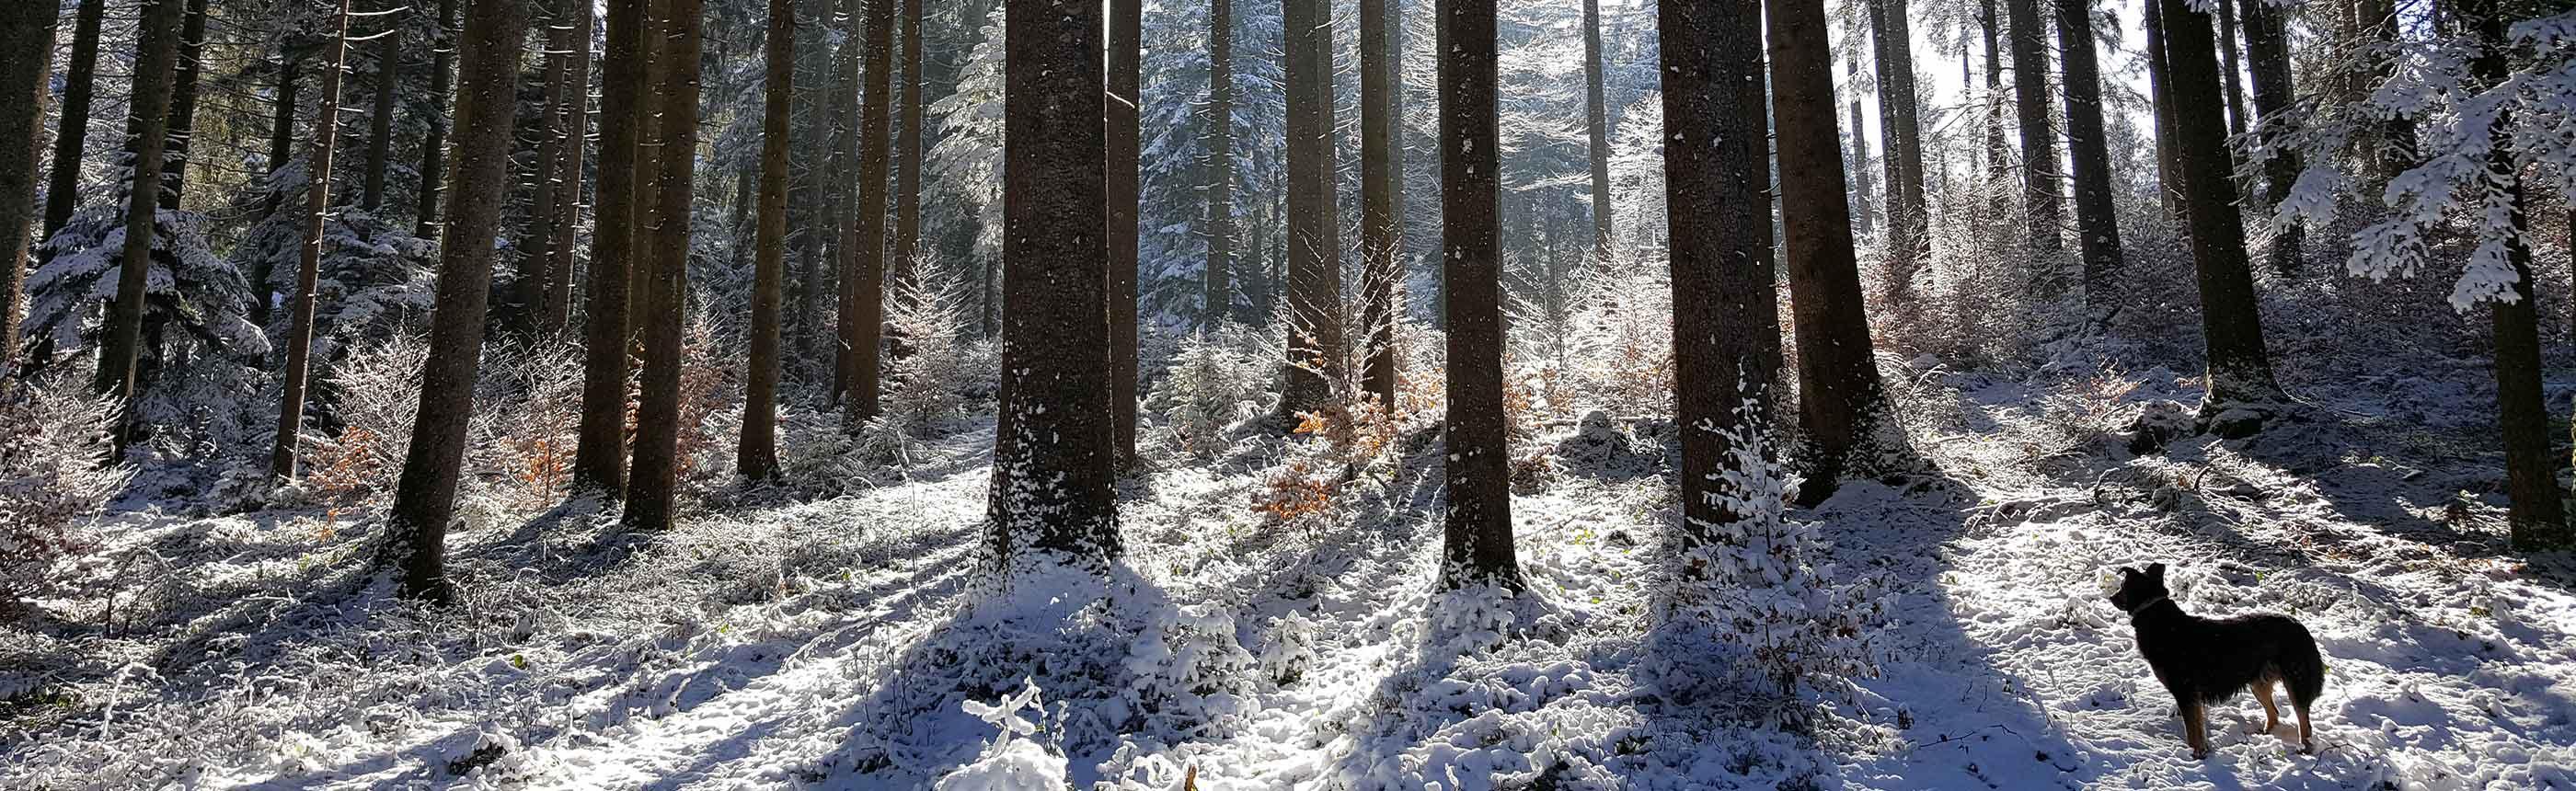 Waldbetreuung, Pflege und Wartung durch die FBG Oberallgäu e.V.